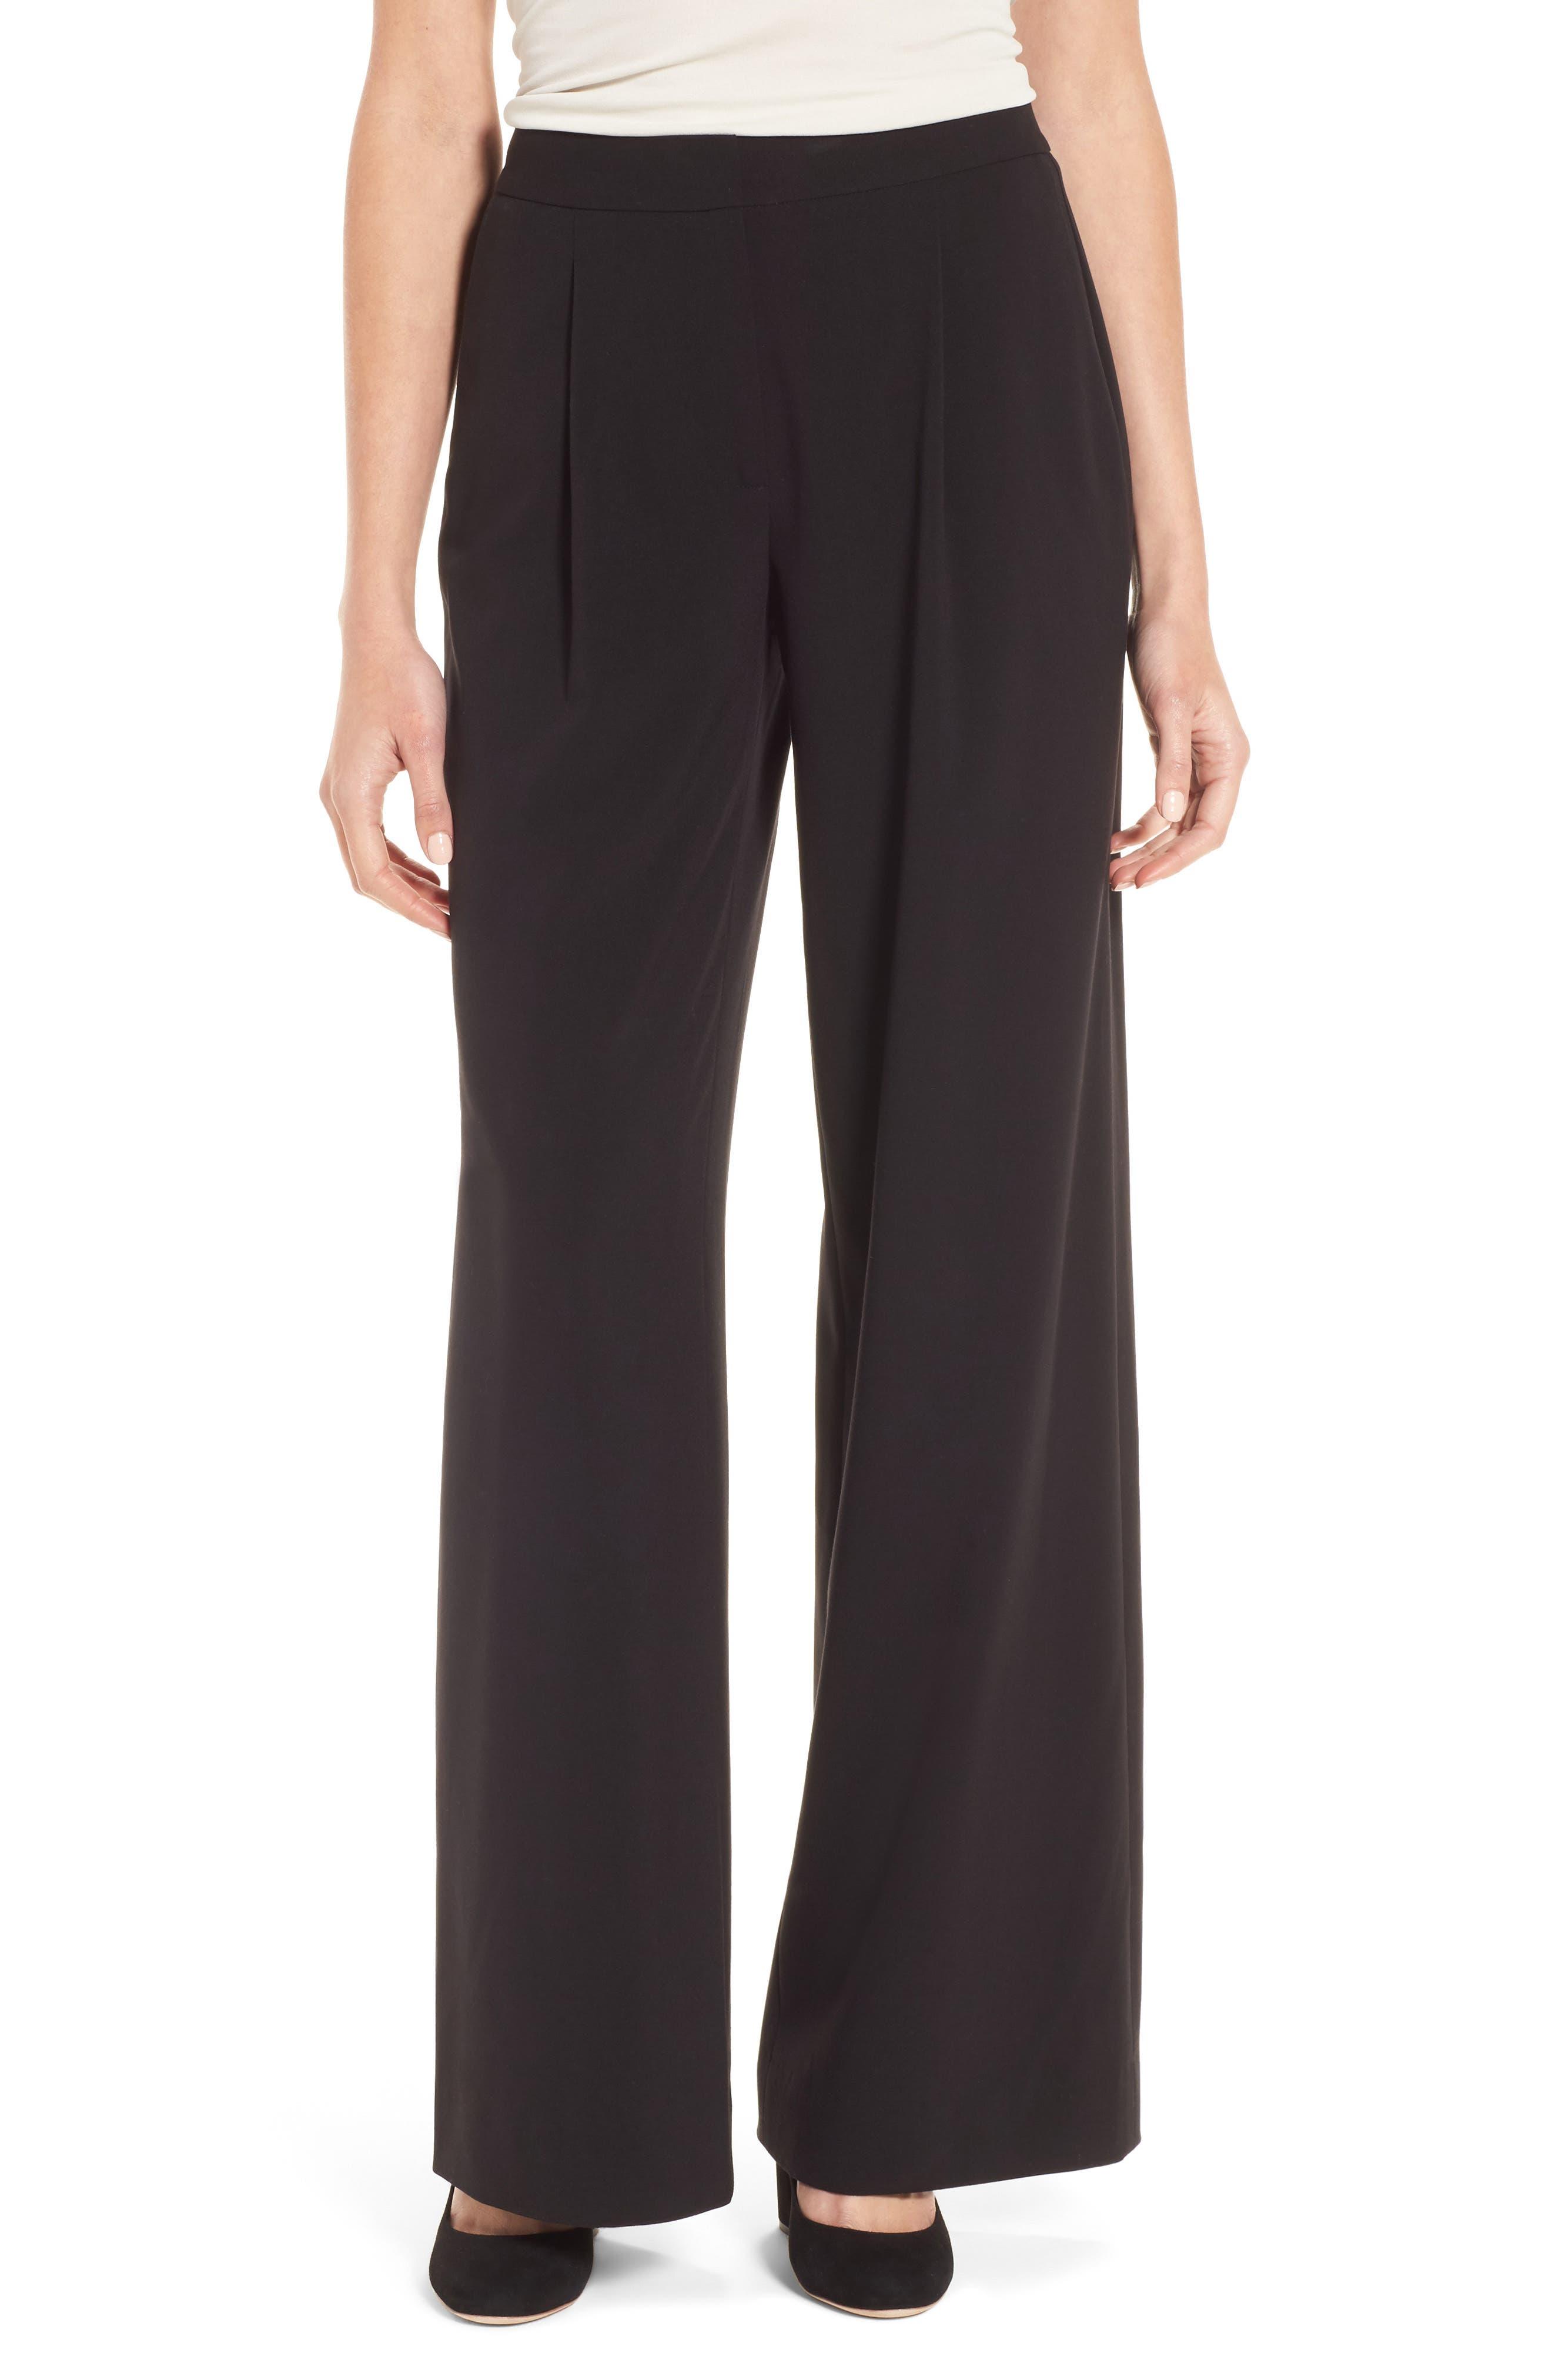 Notch Back Wide Leg Pants,                         Main,                         color, Black